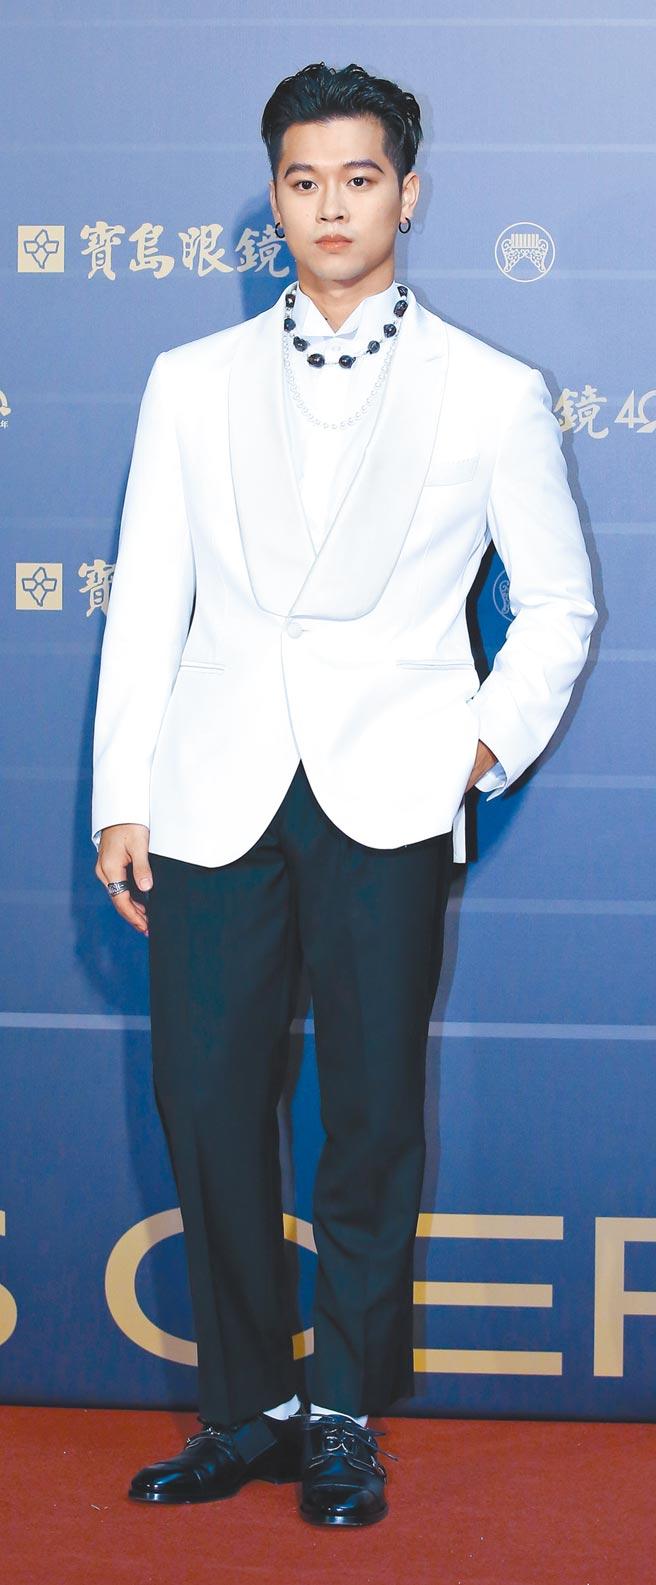 高爾宣昨紅毯服裝是私人訂製,珠寶混搭Julia Wang Design和Hankao兩個設計師作品。